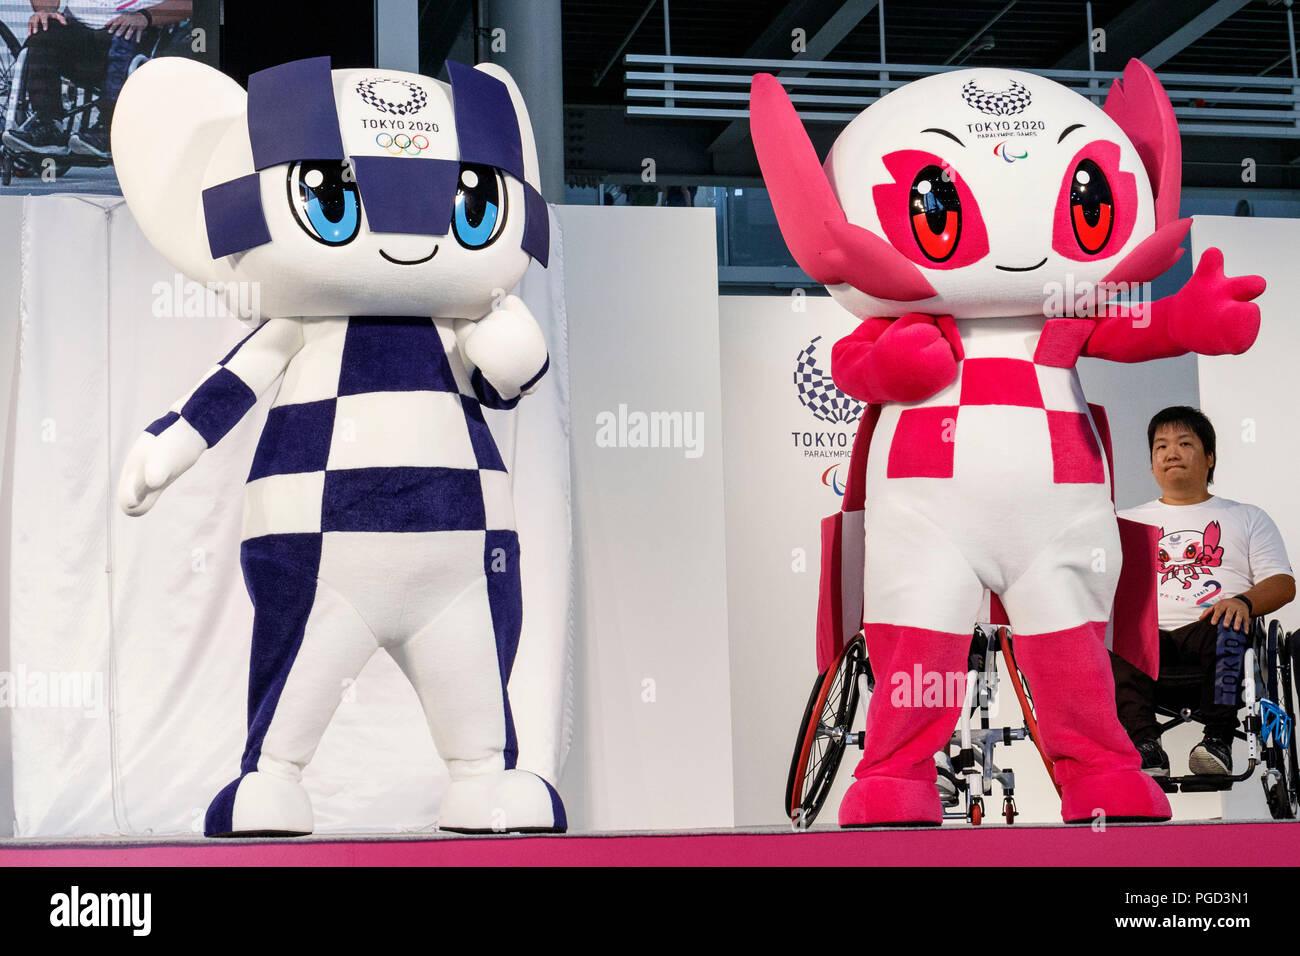 L Und R Tokyo 2020 Spiele Maskottchen Miraitowa Und Someity An Einem Tokio 2020 2 Jahre Zu Gehen Countdown Event Im Megaweb Komplexe Am 25 August 2018 Tokio Japan Japanische Sportler Prominente